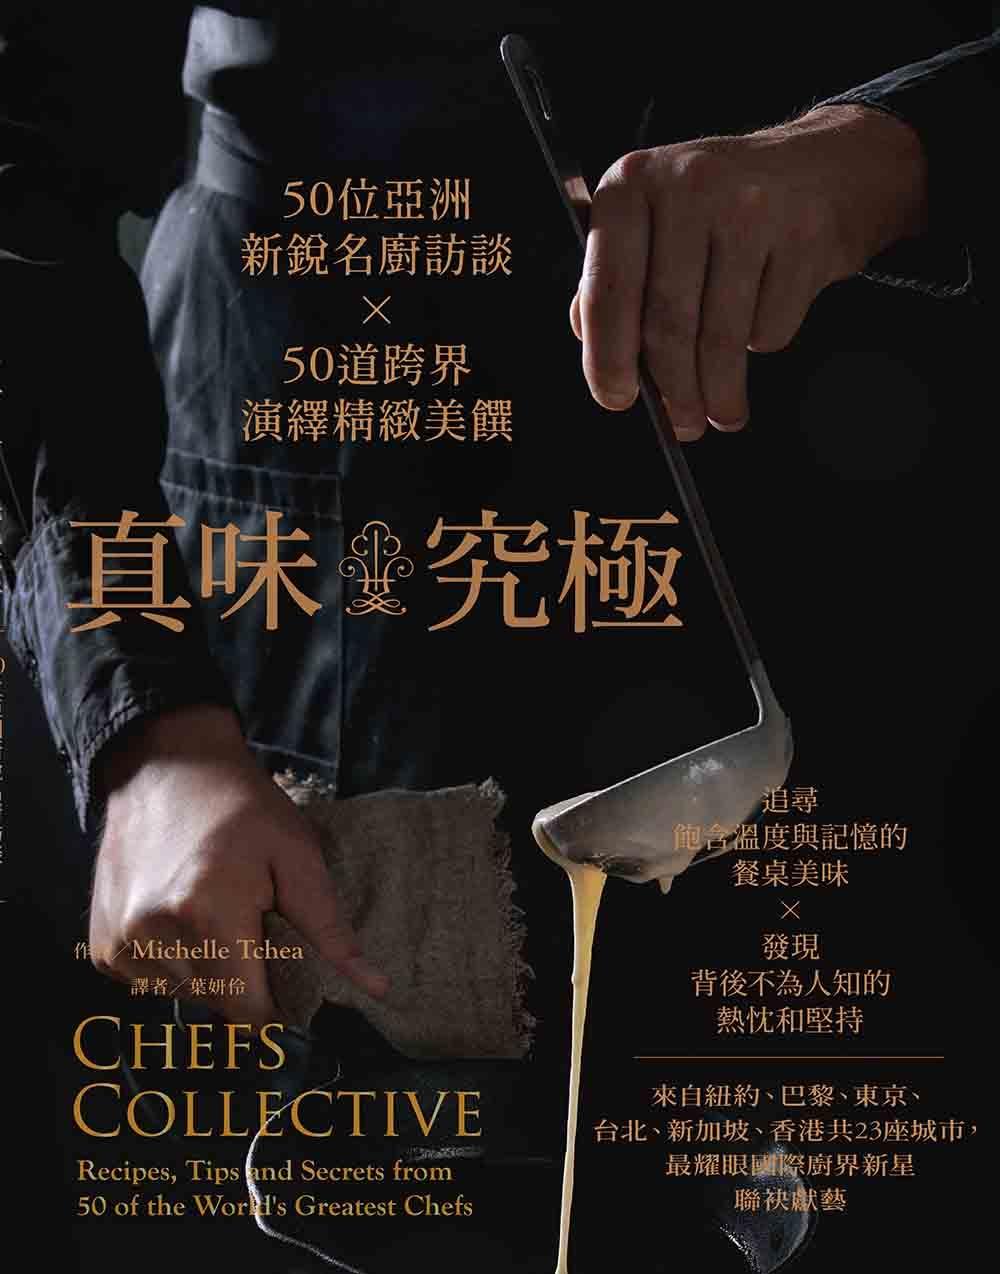 真味‧究極:50位亞洲新銳名廚訪談 ╳ 50道跨界演繹精緻美饌